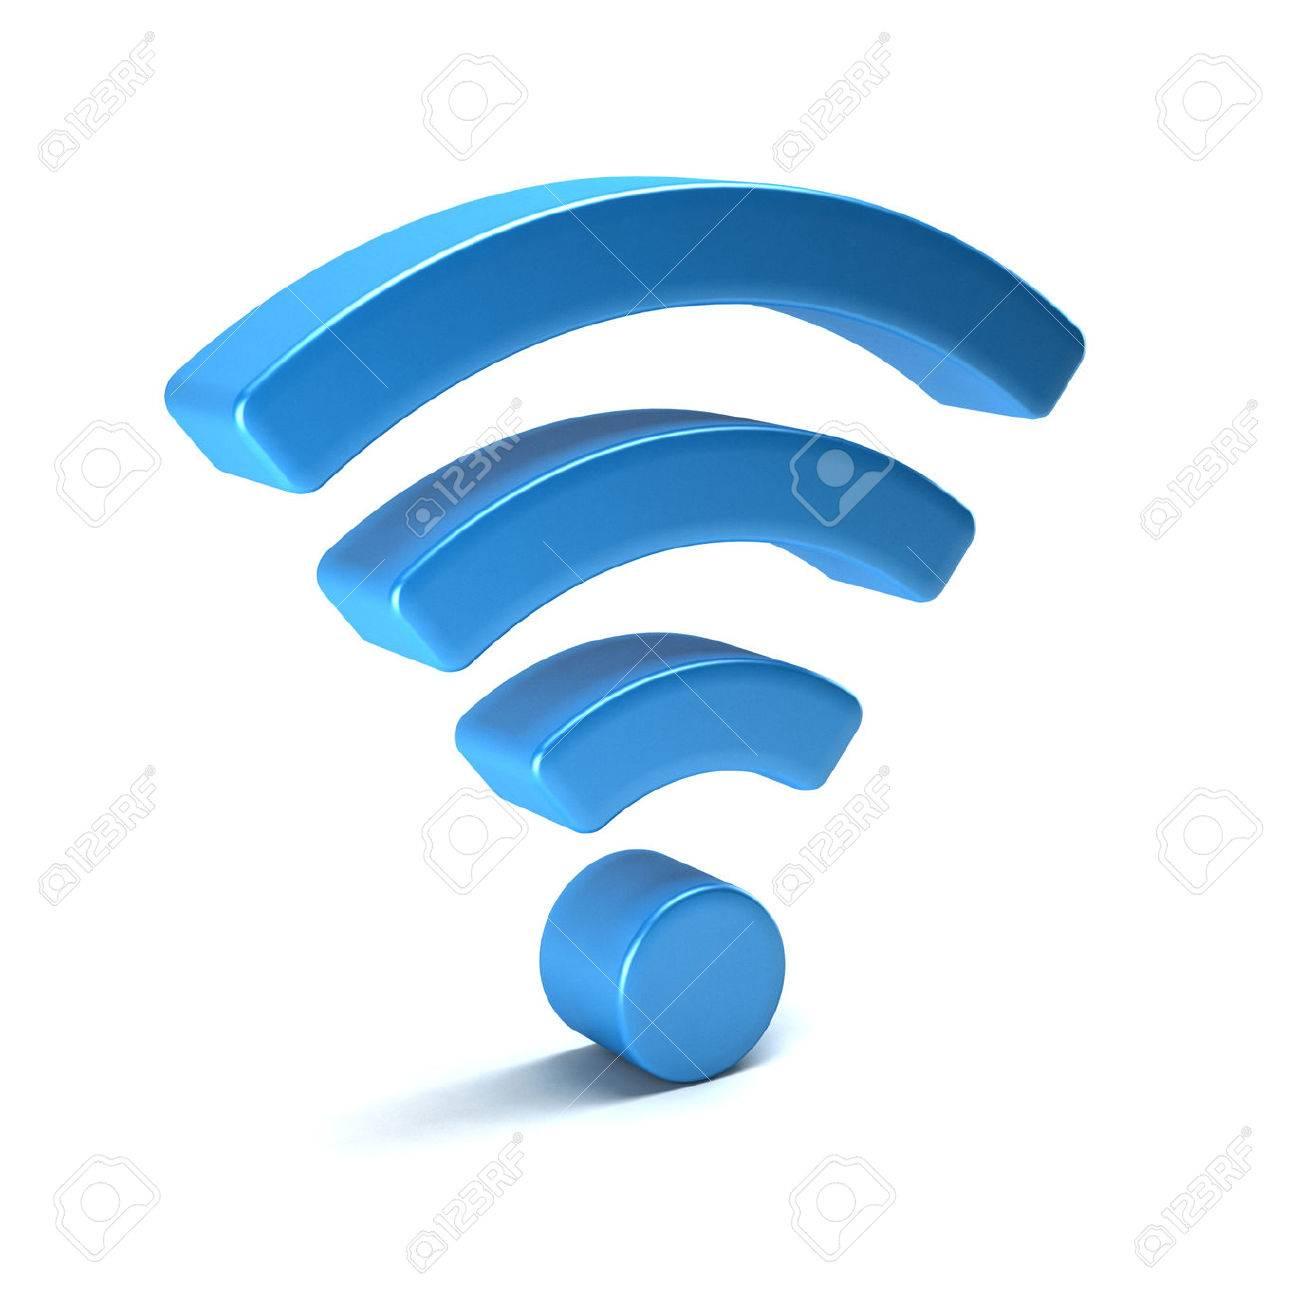 Cách bật, tắt Wifi trên laptop cực nhanh